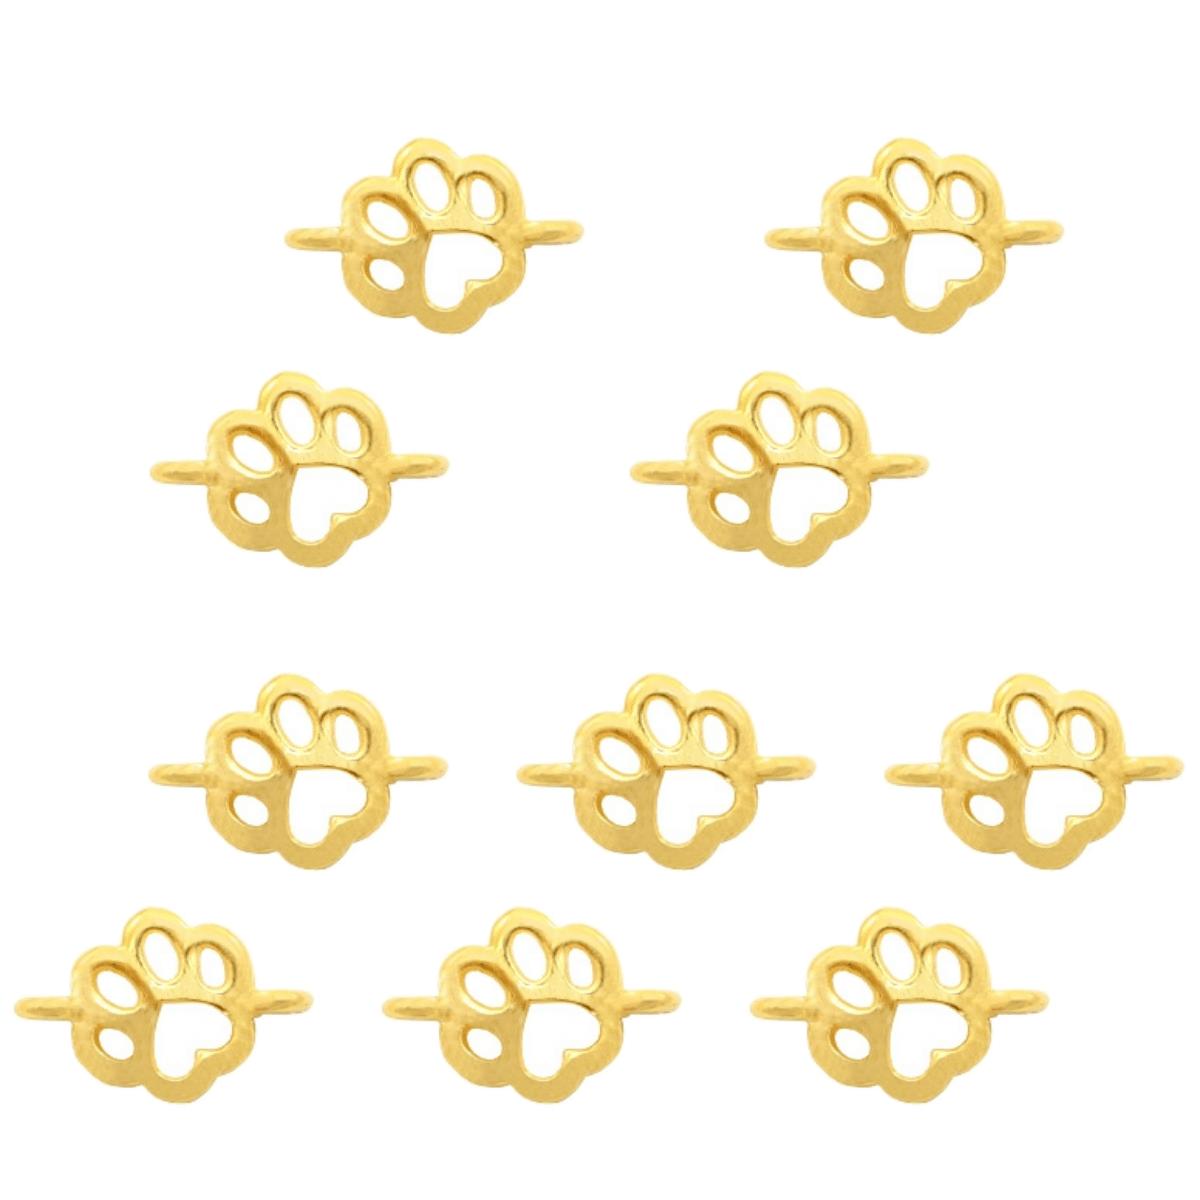 Verbinder Pfote Hund, Katze - 10 Stück - 17 x 11 mm - Gold